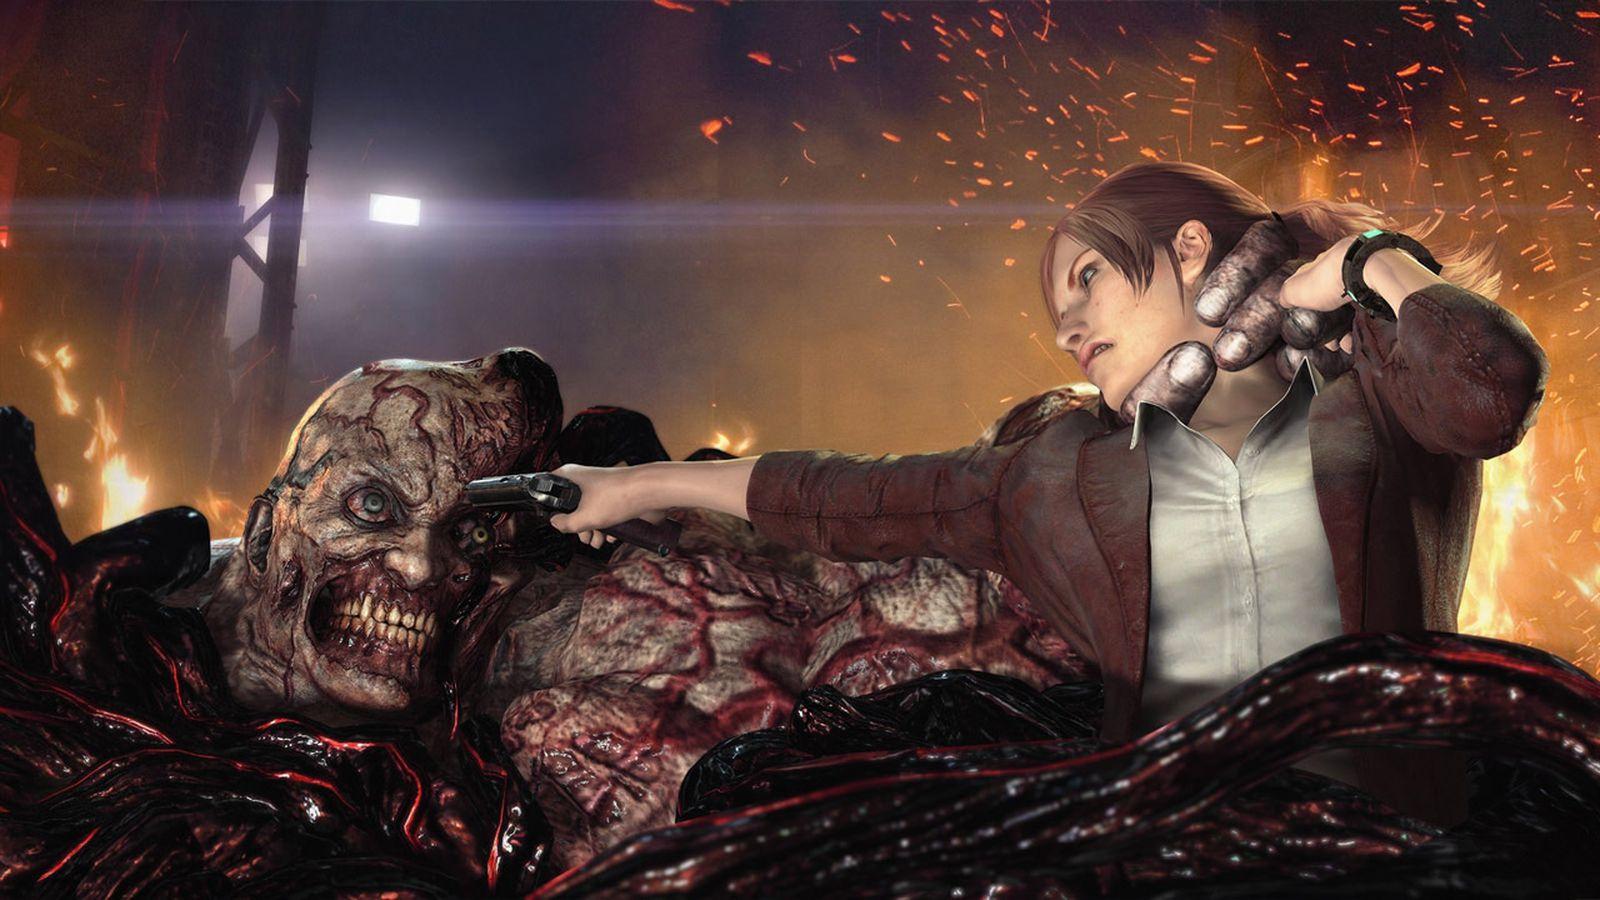 Resident evil revelations 2 release date in Sydney